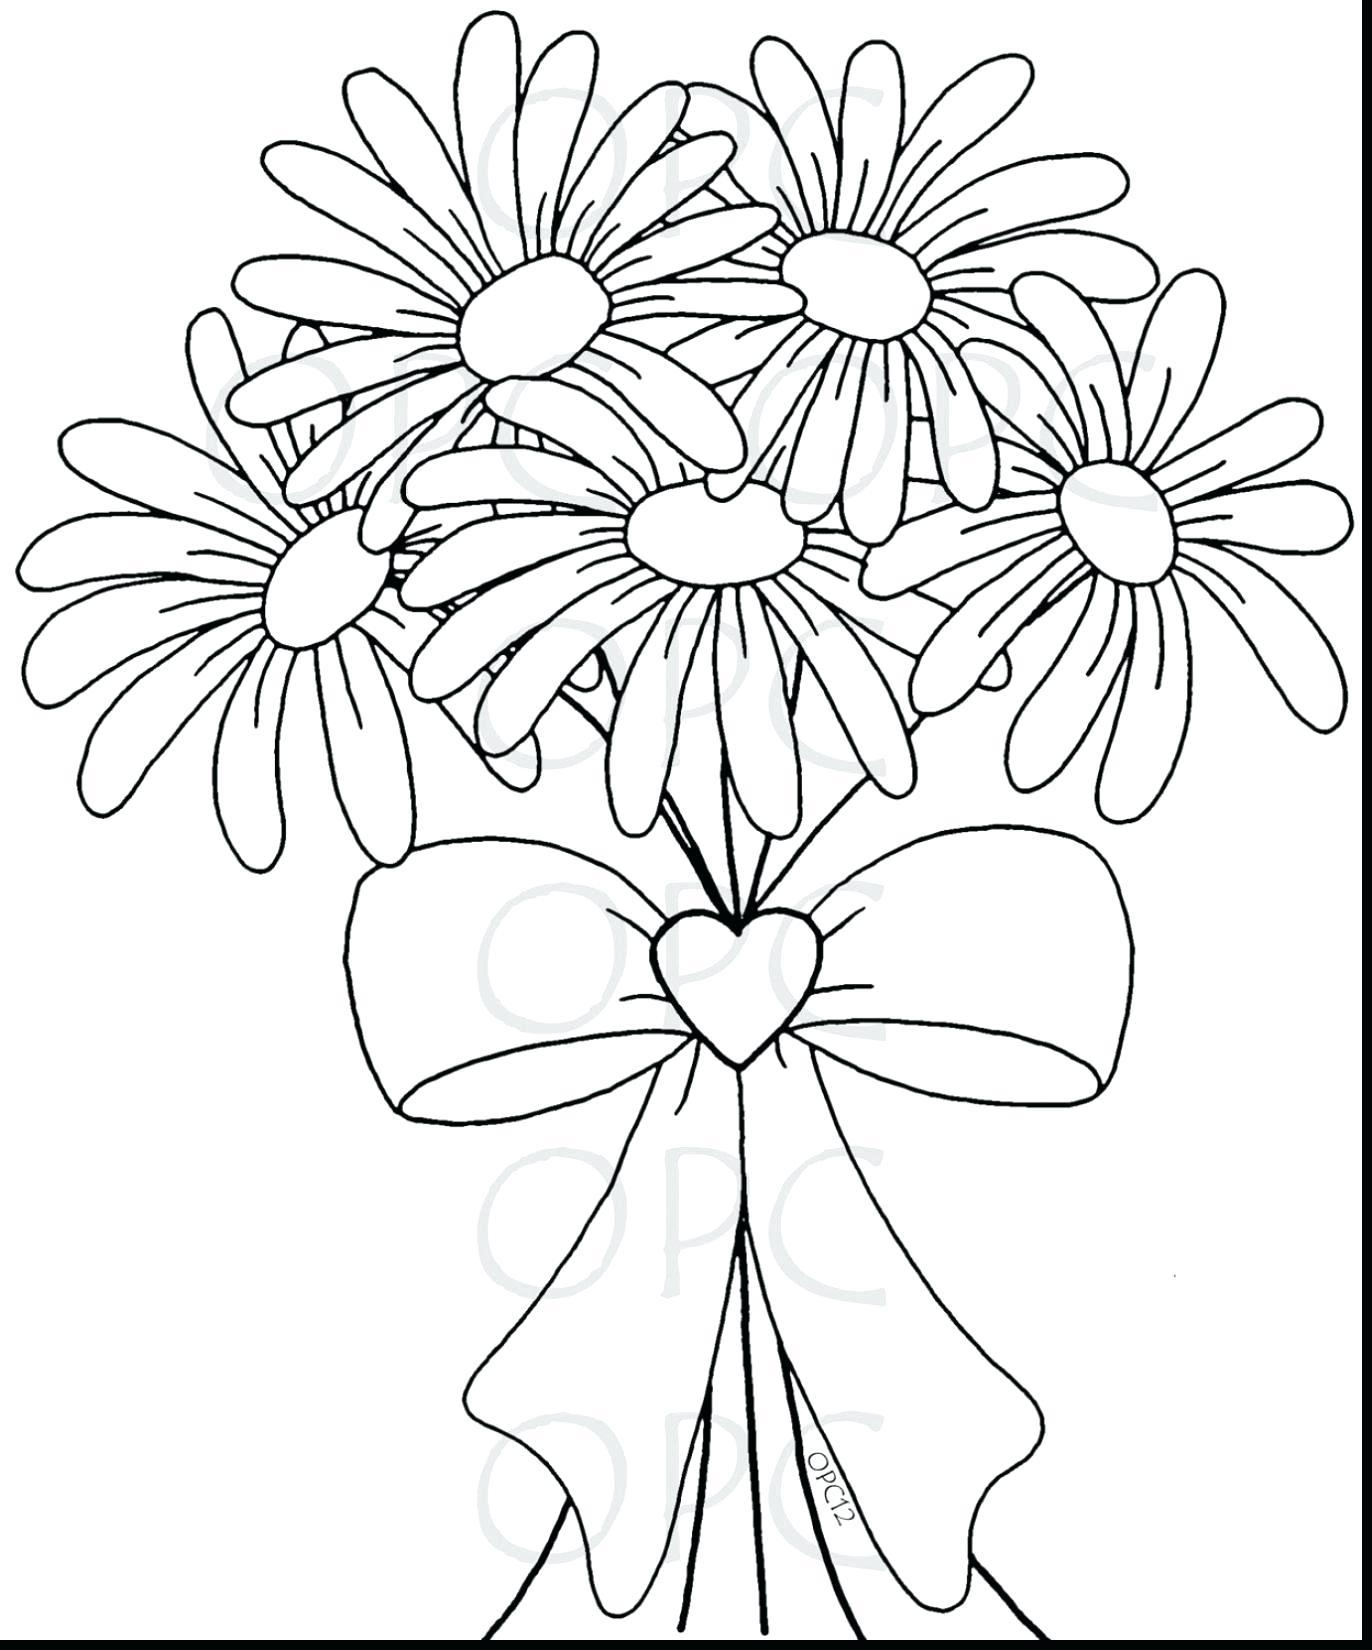 Tranh tô màu vườn hoa đẹp nhất